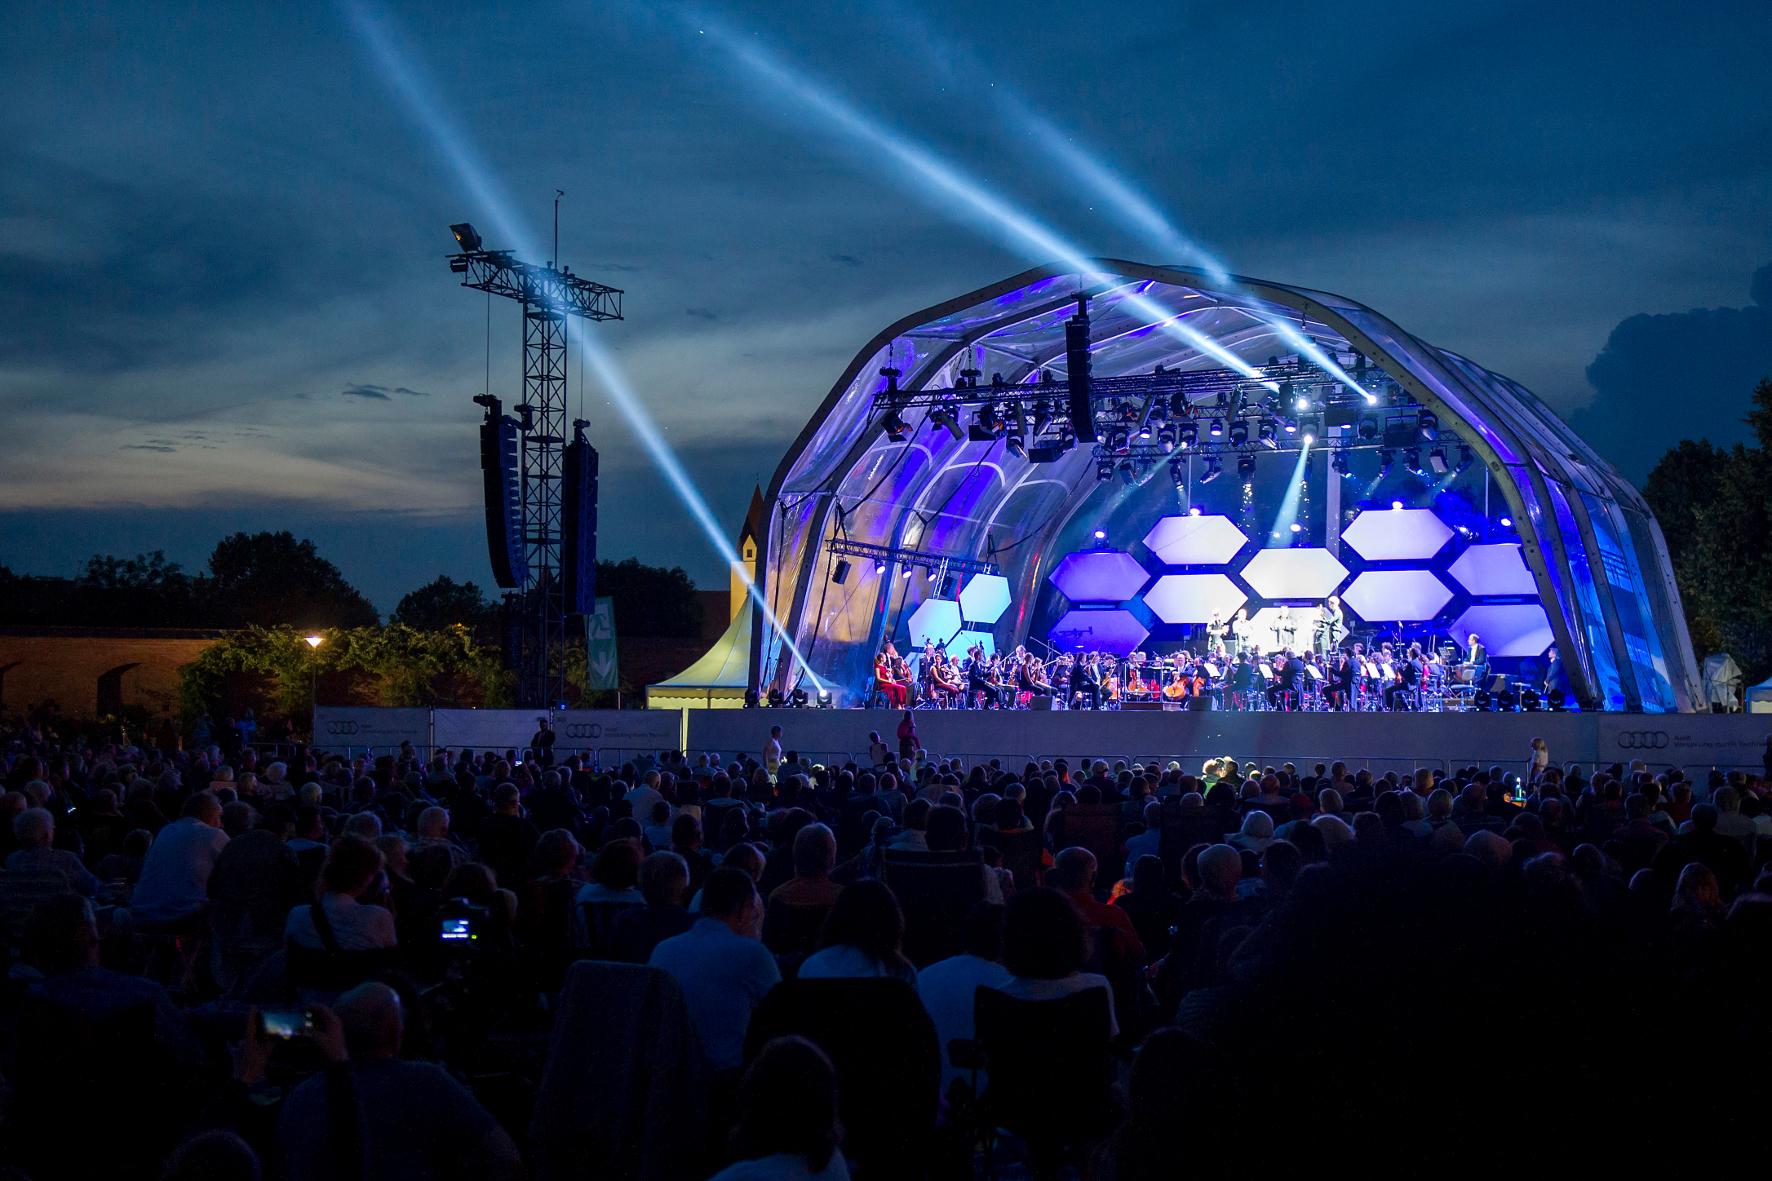 mid Ingolstadt - Die Herren der Ringe lassen vorspielen: Rund 25.000 Zuschauer lauschen den klassischen Klängen beim Open Air vor der Audi-Haustür in Ingolstadt.